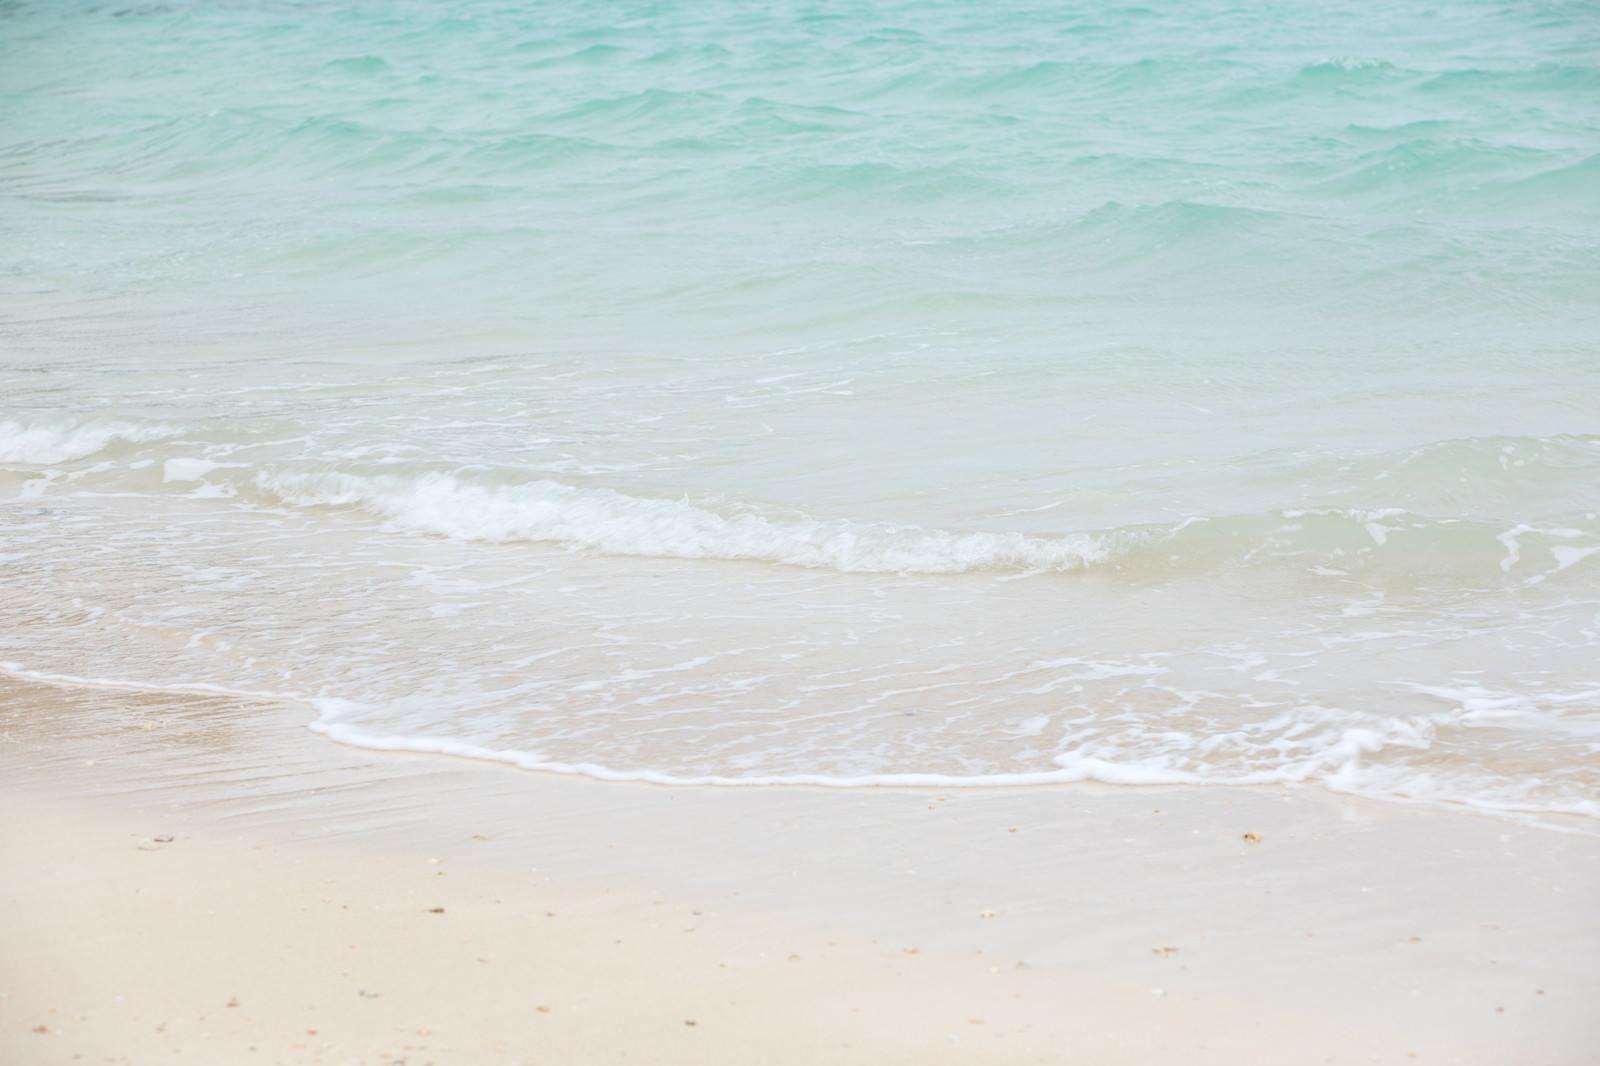 「宮古島のエメラルドグリーンの海」の写真